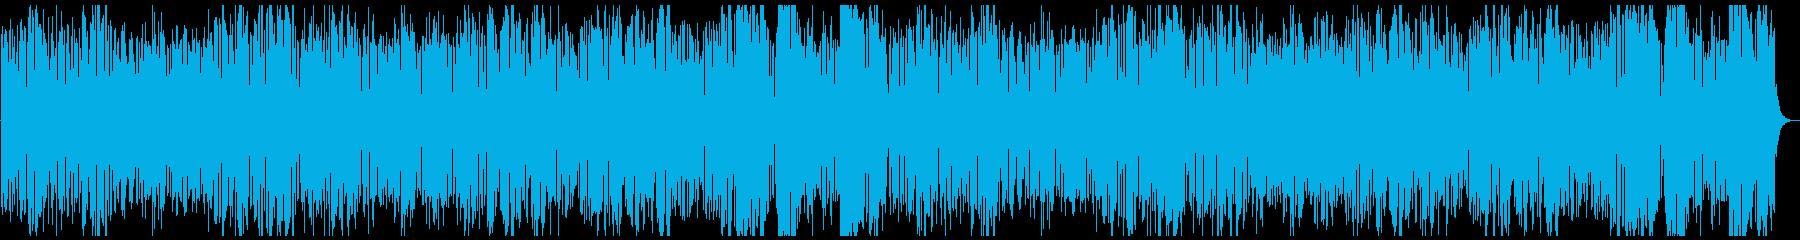 軽快な金管五重奏の再生済みの波形